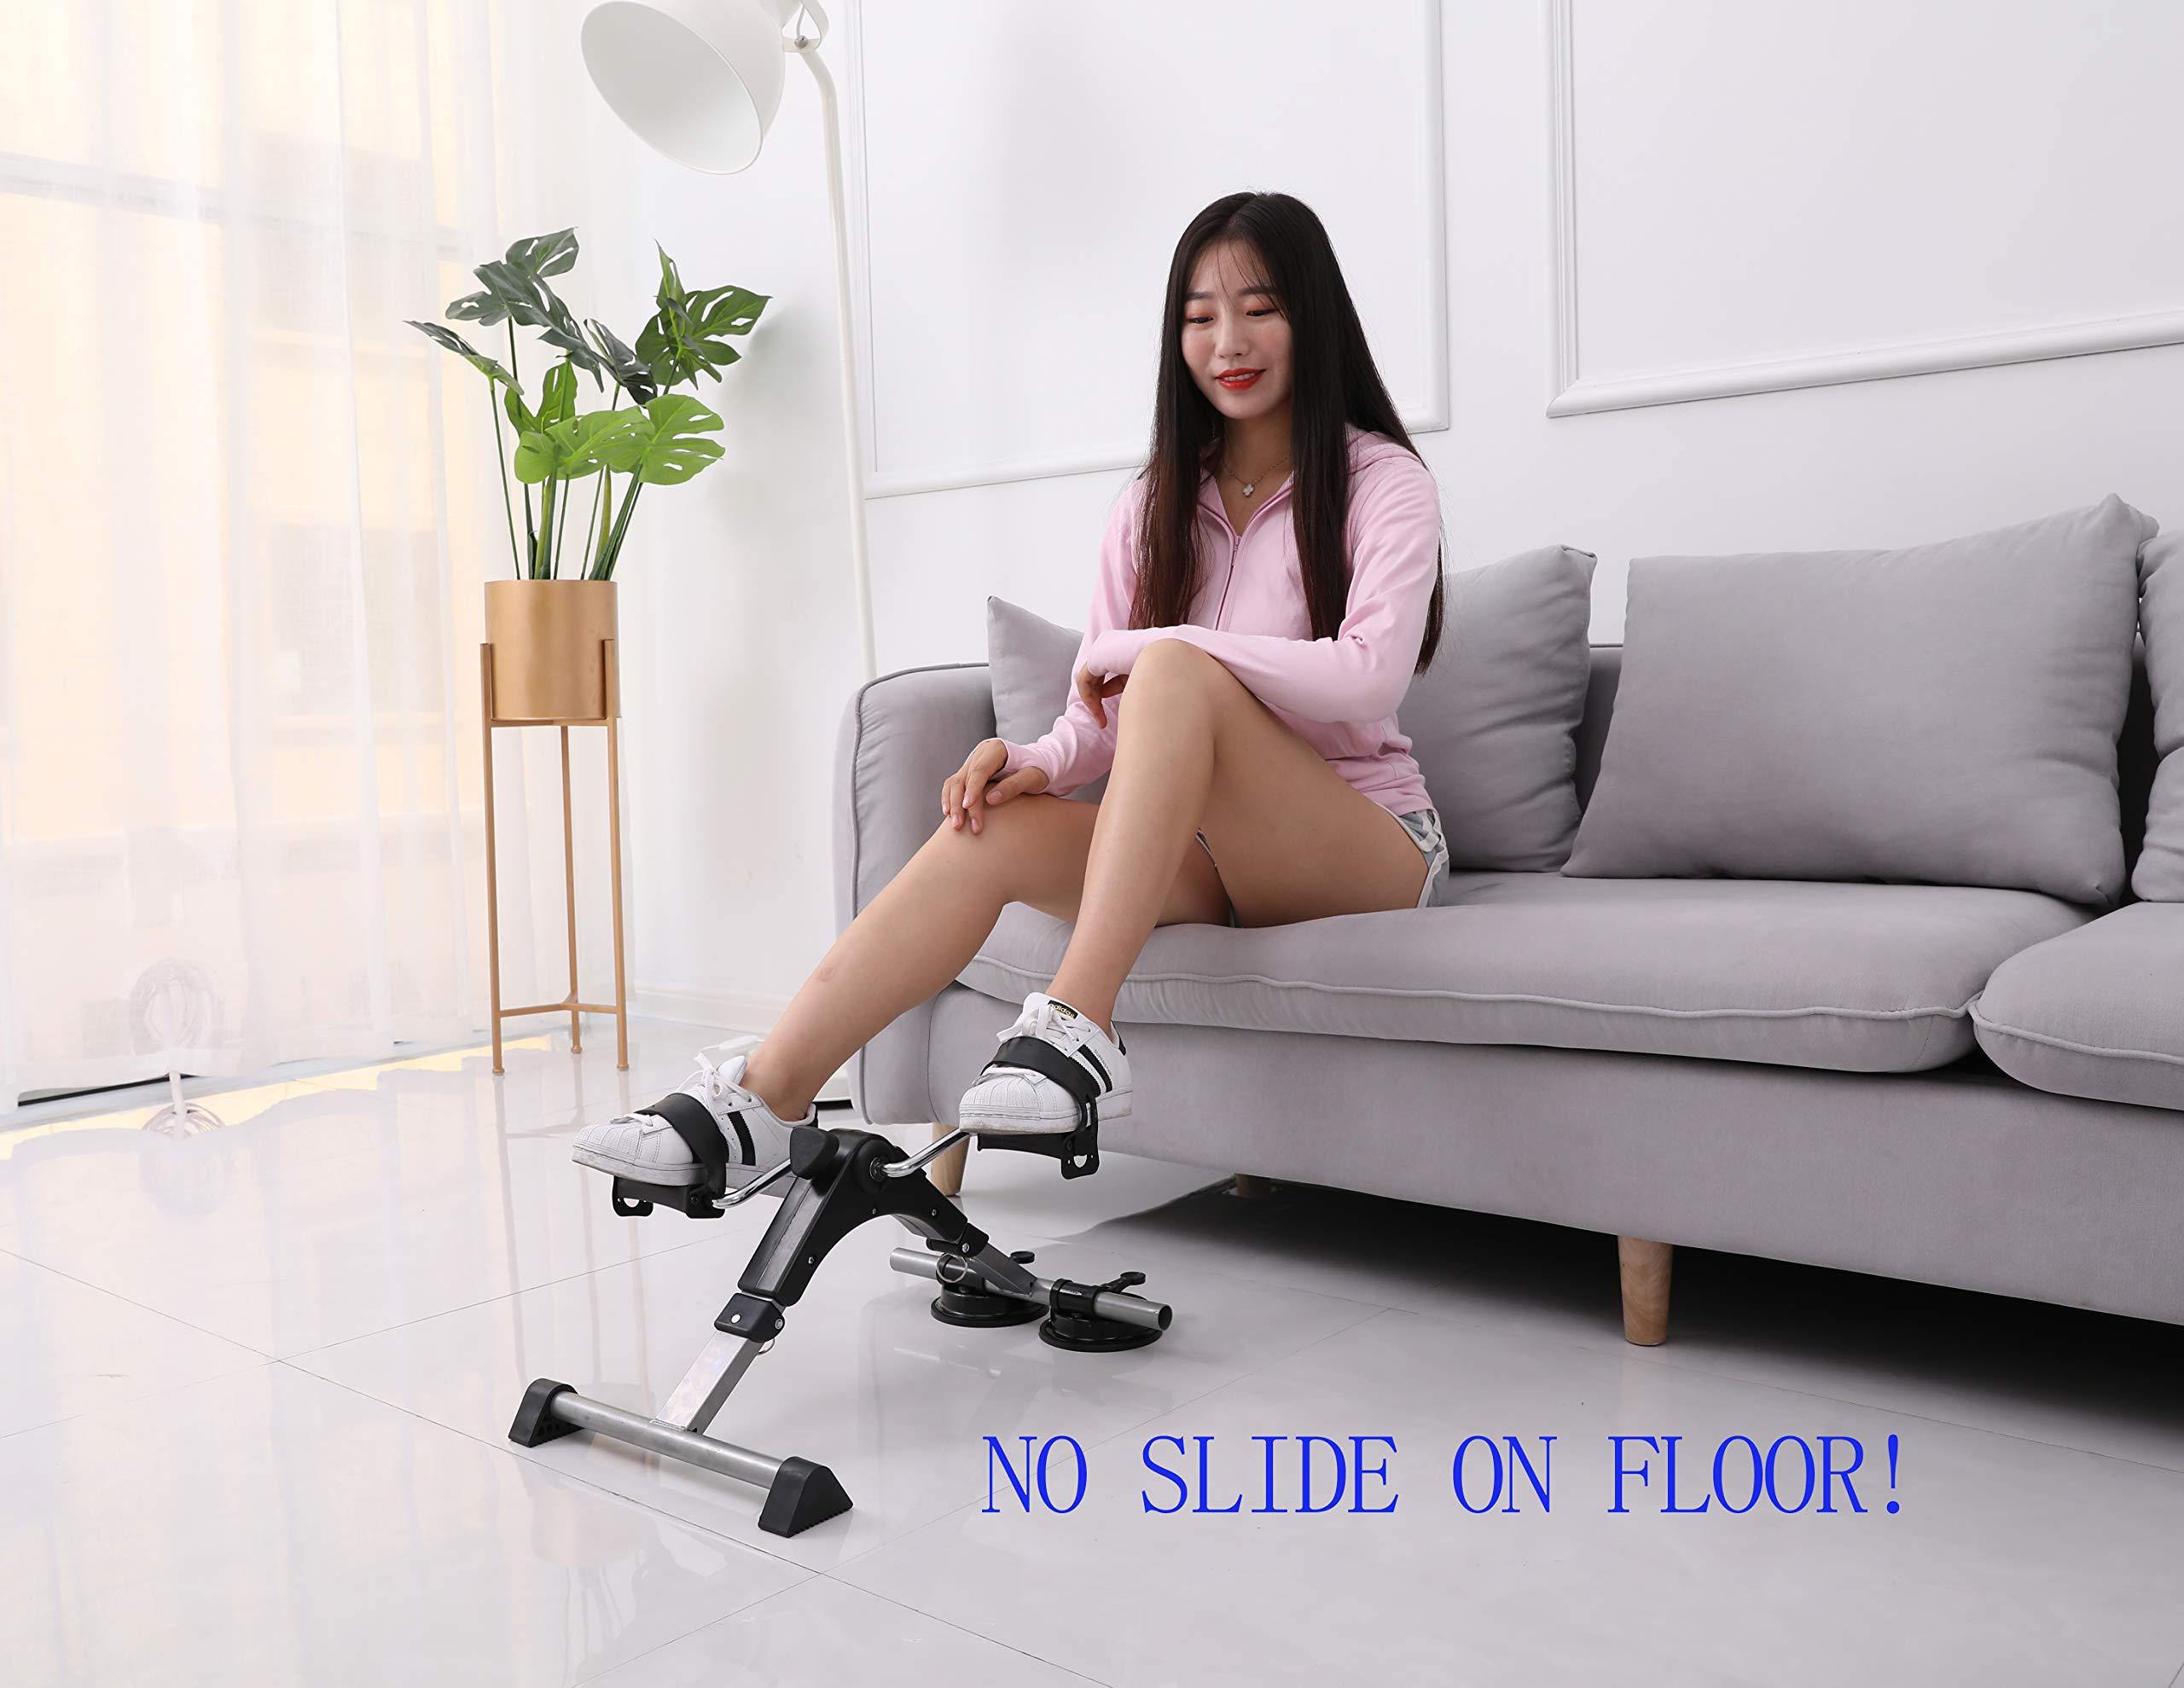 MOMODA Anti-Slip Foot for Mini Exercise Bike Stopper and Holder Anti-Slip Sucker for Pedal Exerciser or Leg Exerciser 2 pcs (26MM) by MOMODA (Image #4)